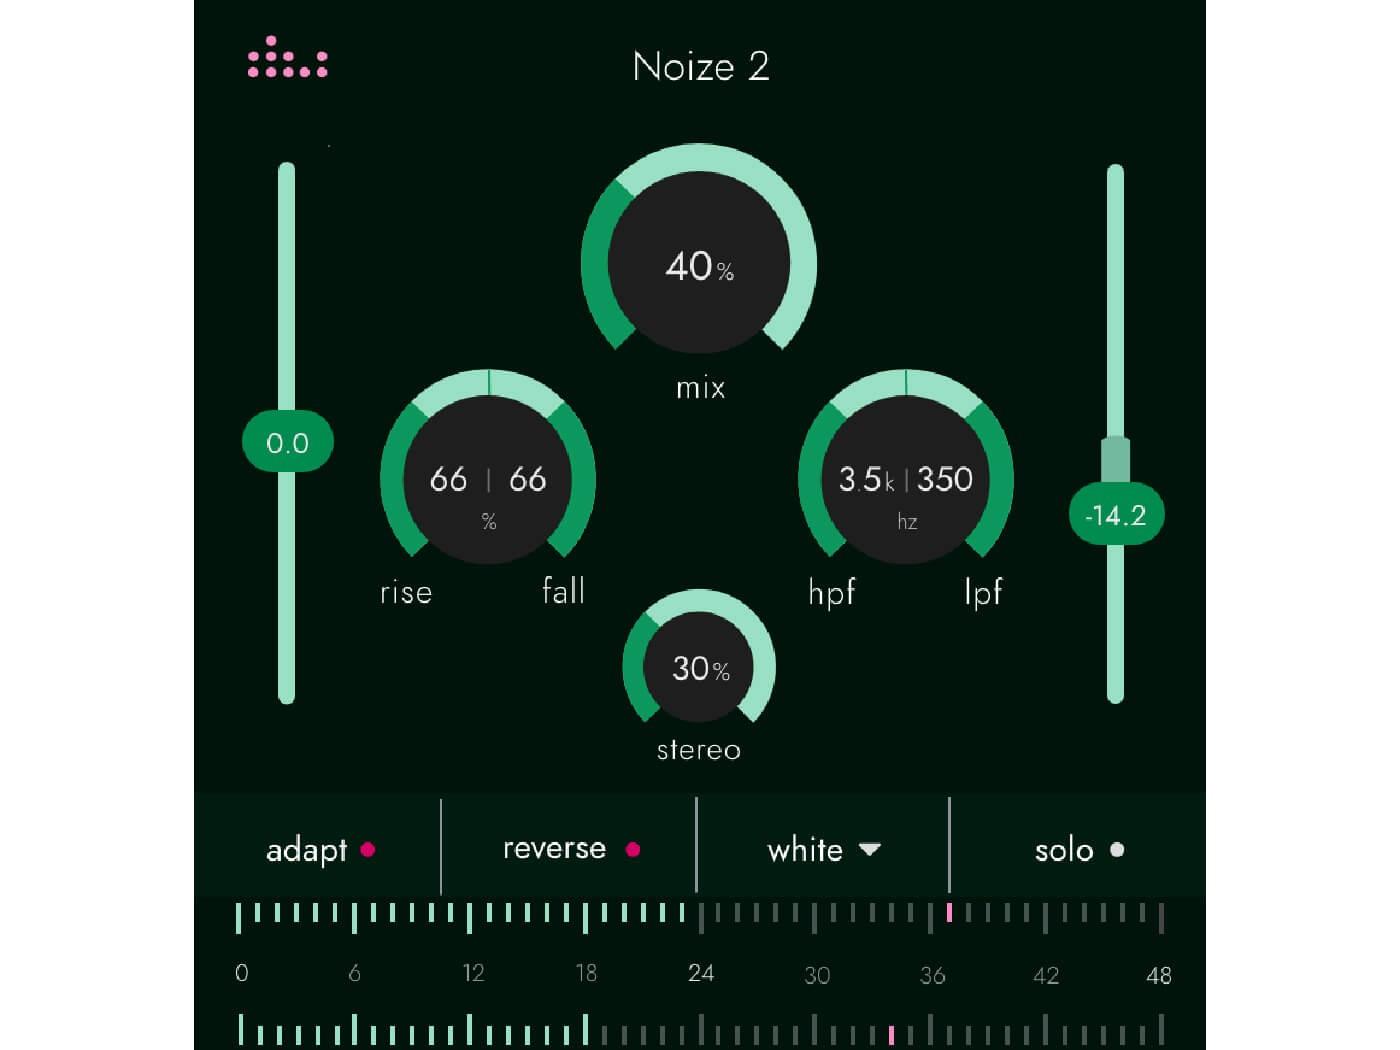 Noize 2